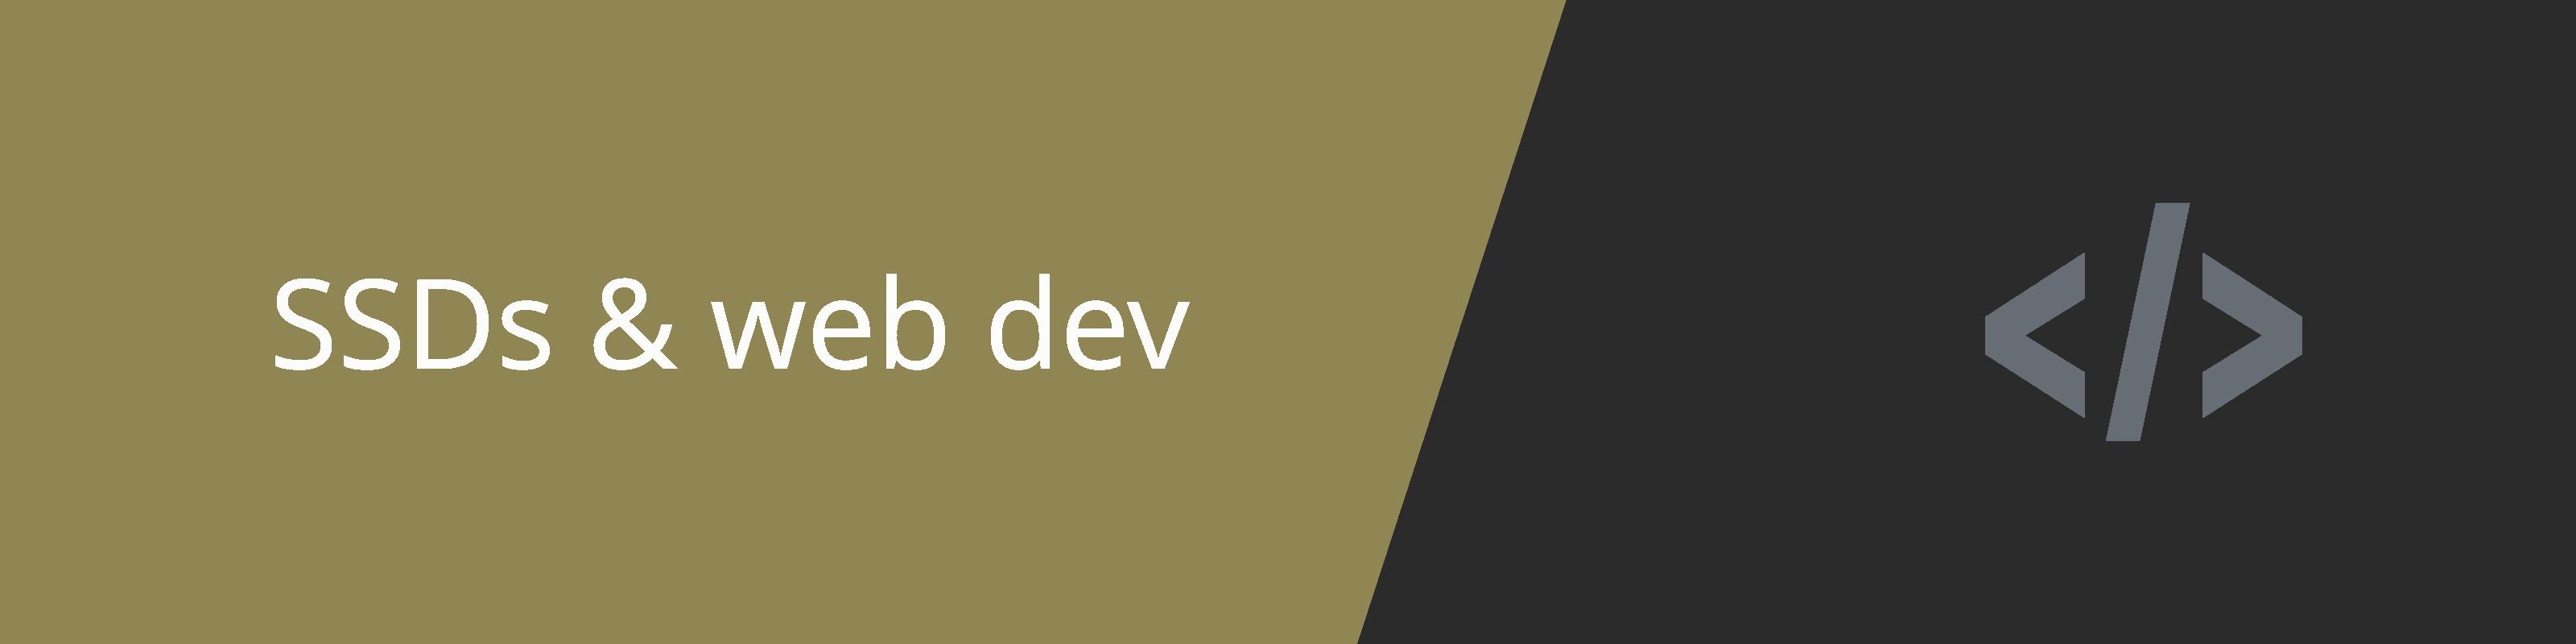 ssd web dev